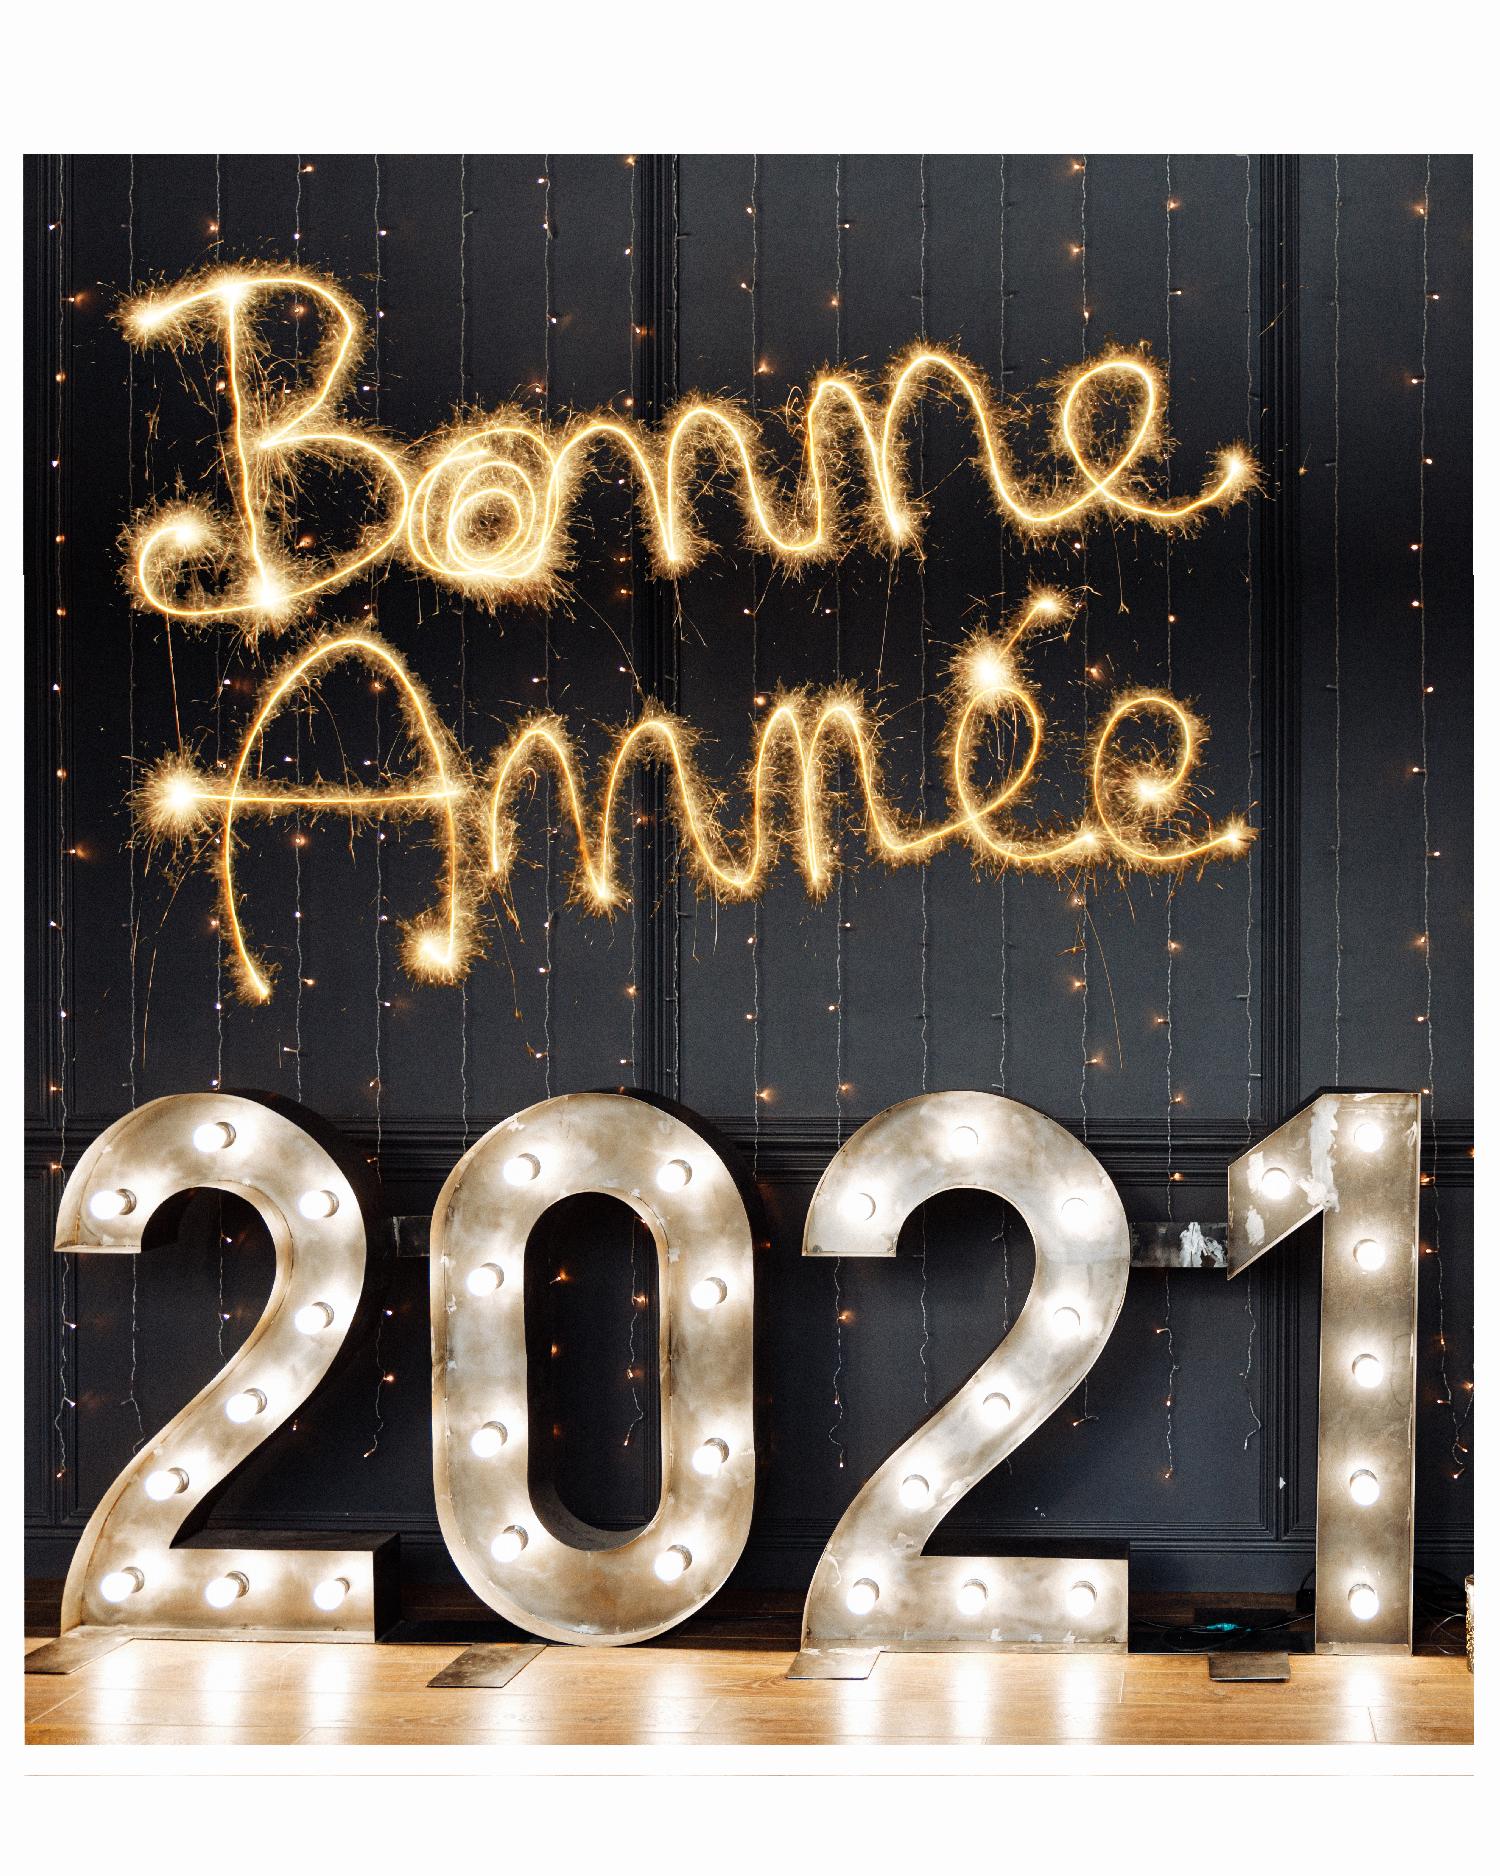 bonne année website new